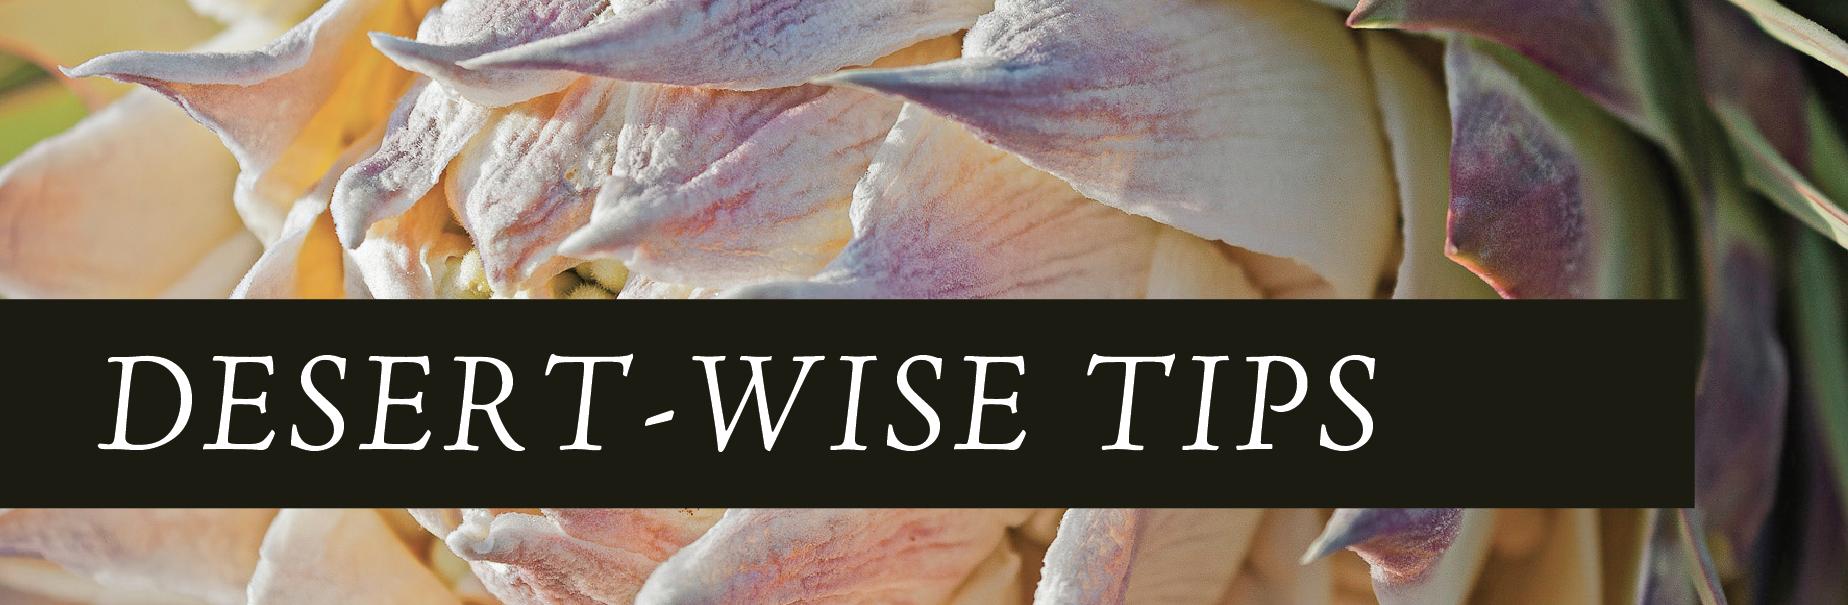 desert wise tips banner